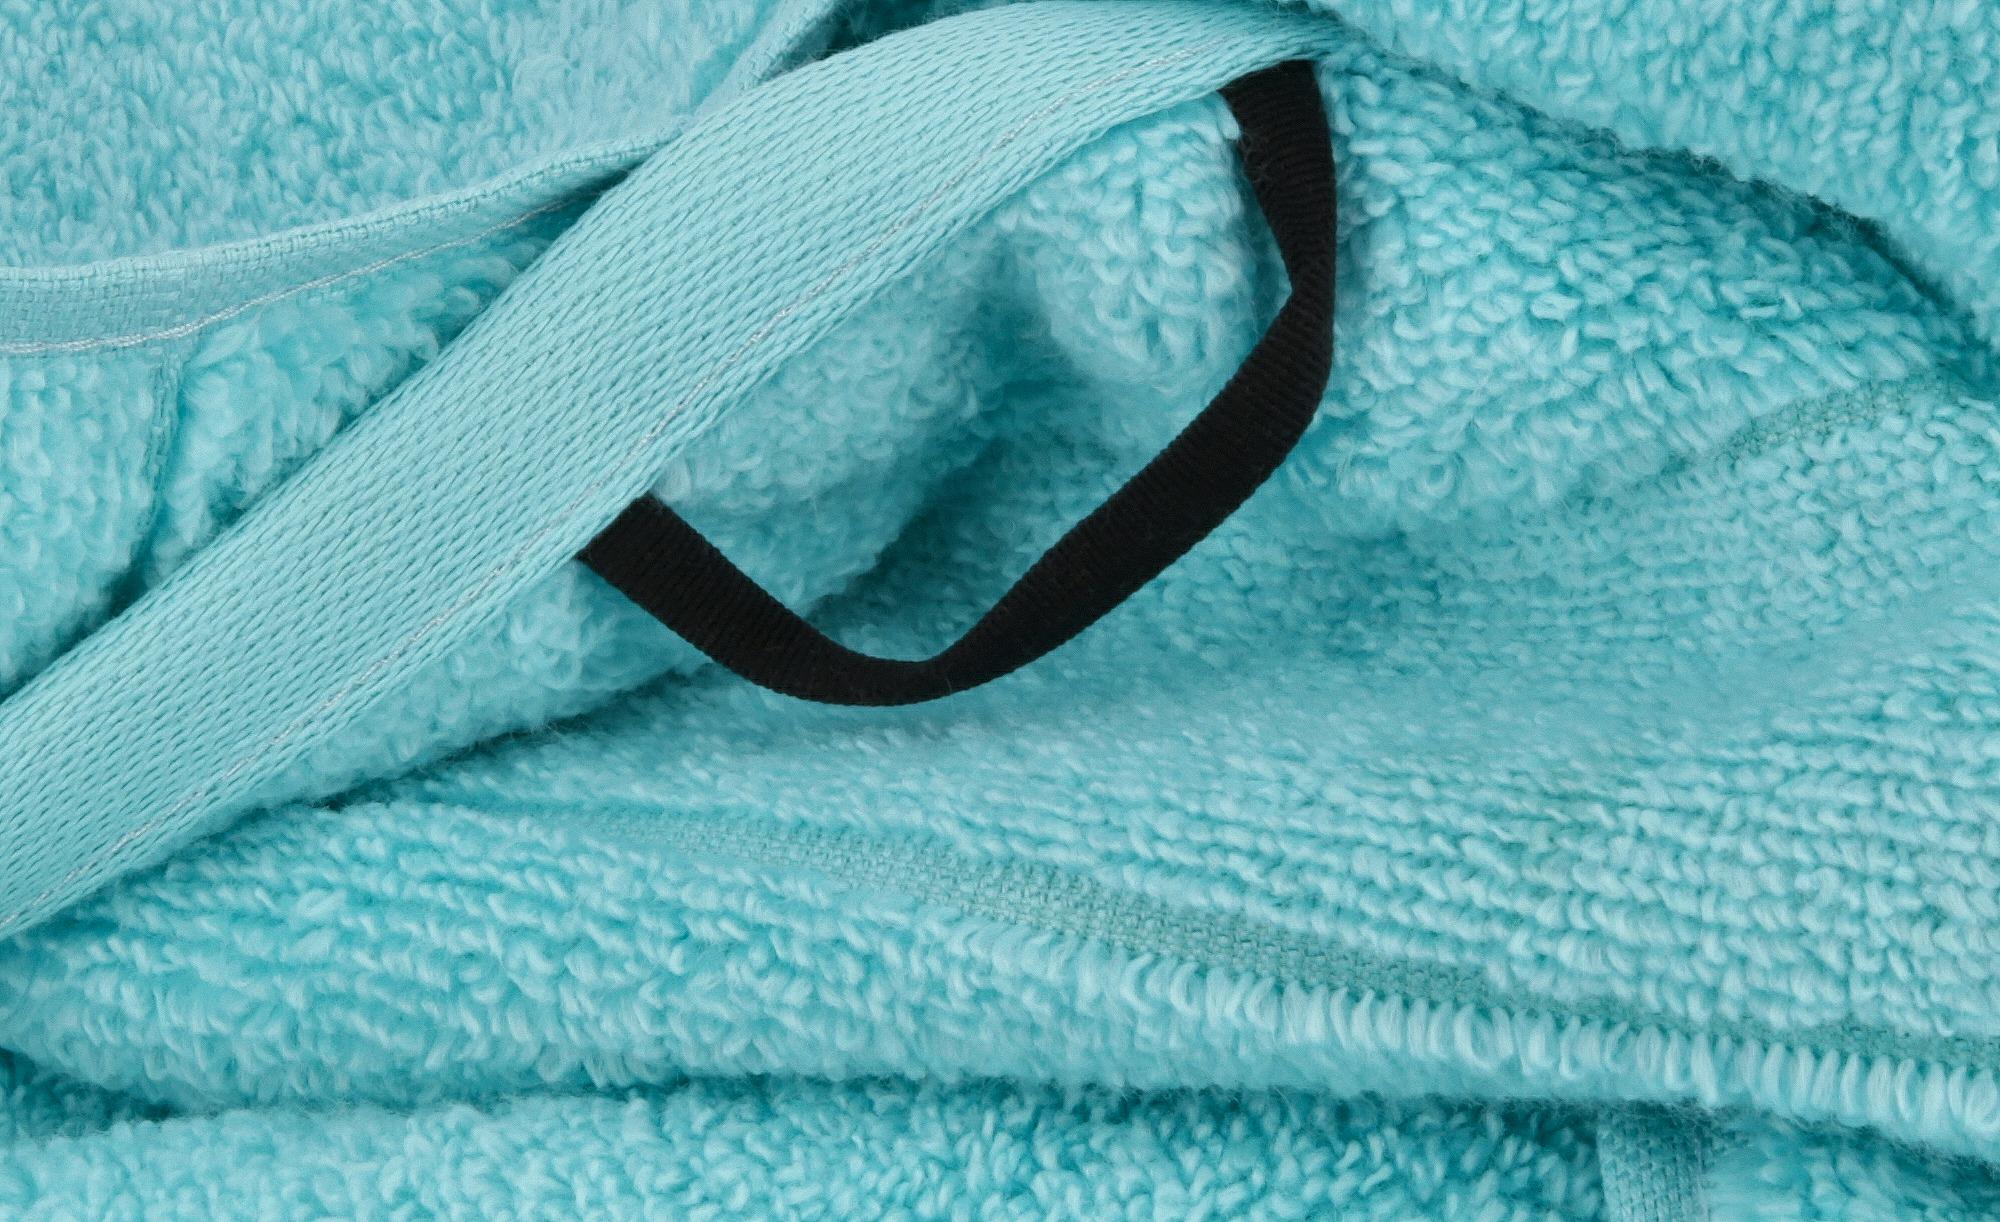 #VOSSEN Badetuch  Cloud ¦ türkis/petrol ¦ 100% Baumwolle ¦ Maße (cm): B: 100 Badtextilien und Zubehör > Handtücher & Badetücher > Badetücher & Saunatücher – Höffner#